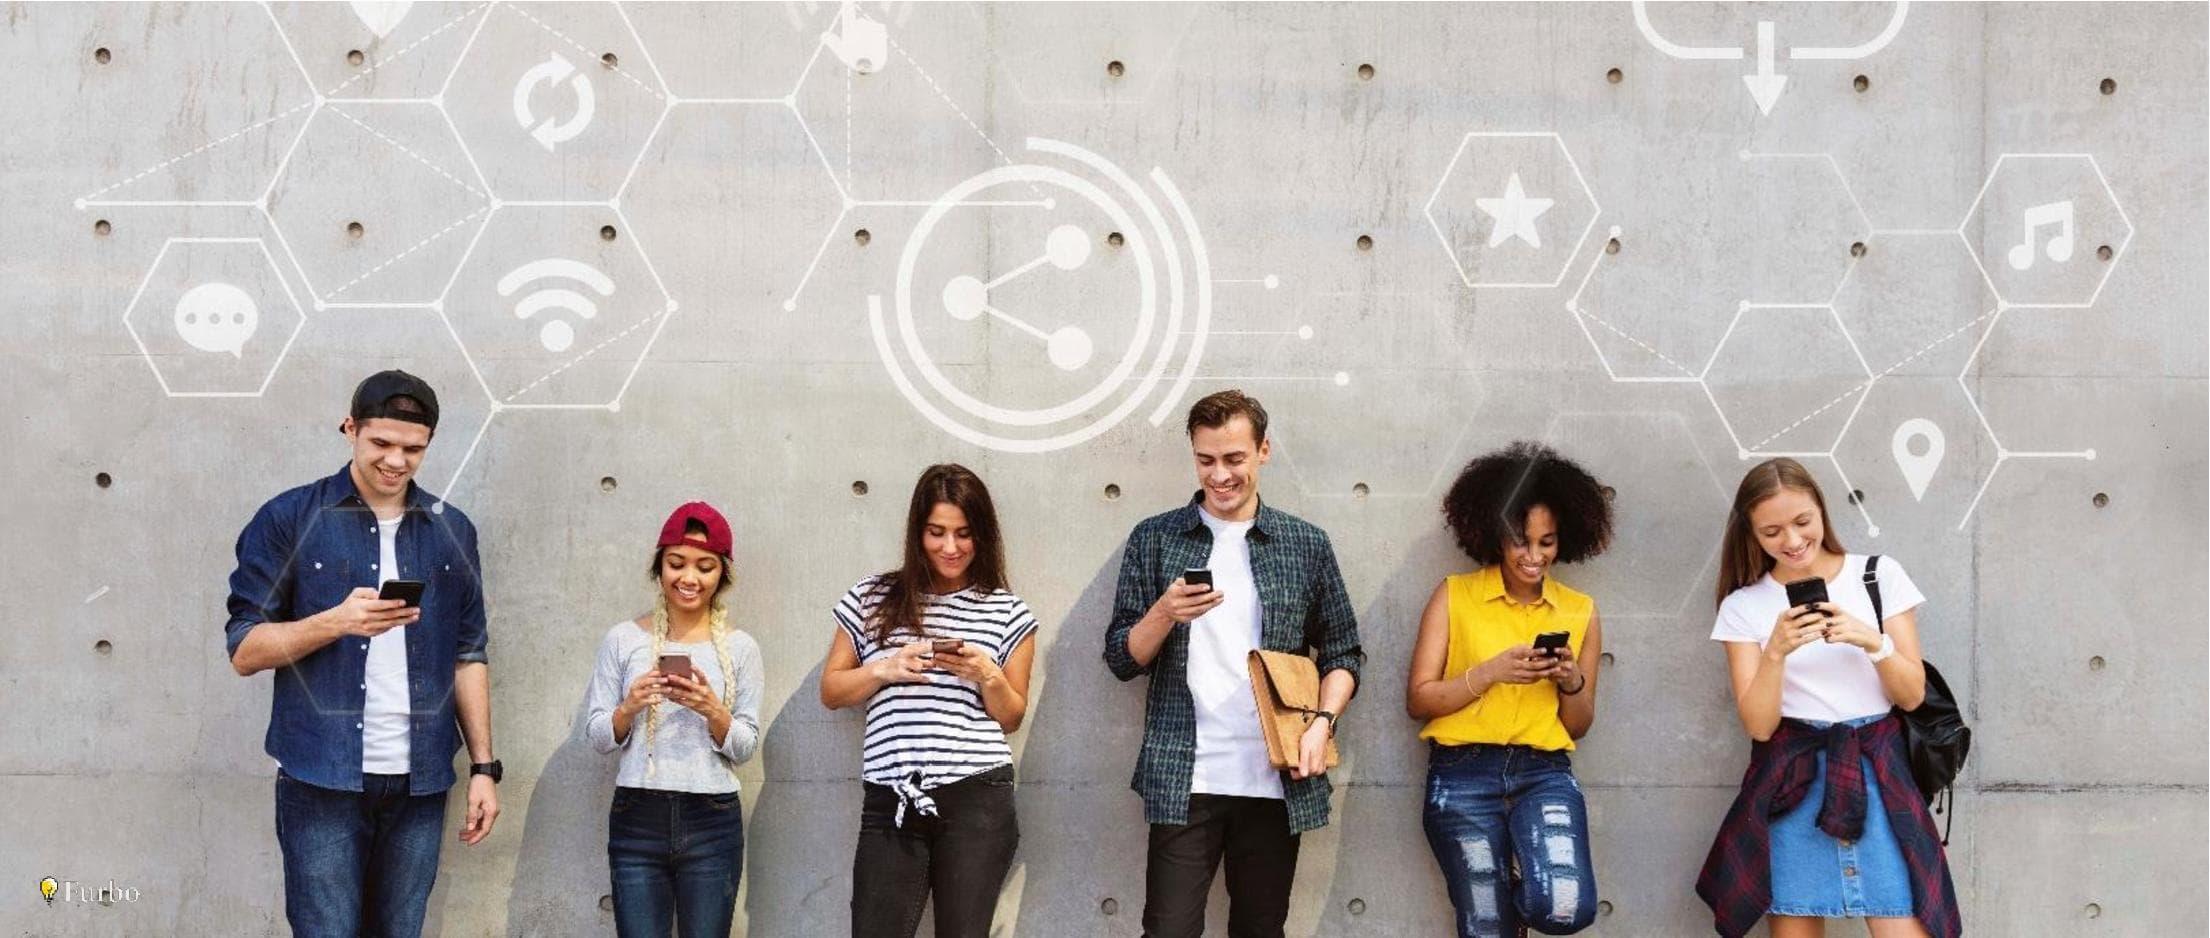 رسانه اجتماعی جایگزین کسب و کار اینترنتی